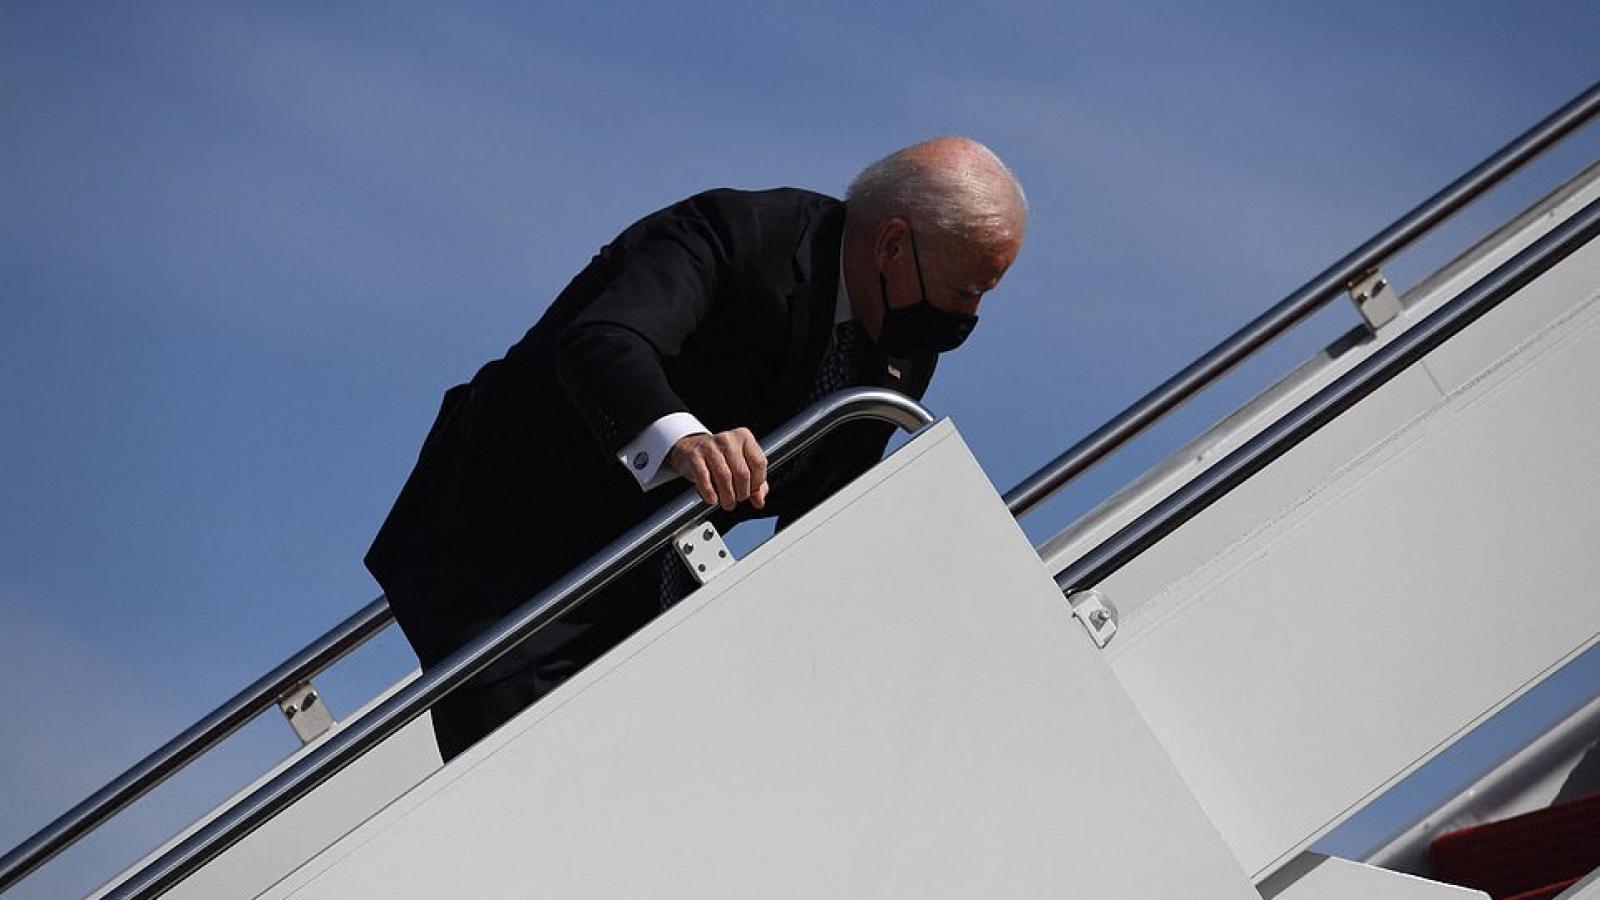 Tổng thống Biden liên tục vấp ngã khi bước lên chuyên cơ Không lực Một